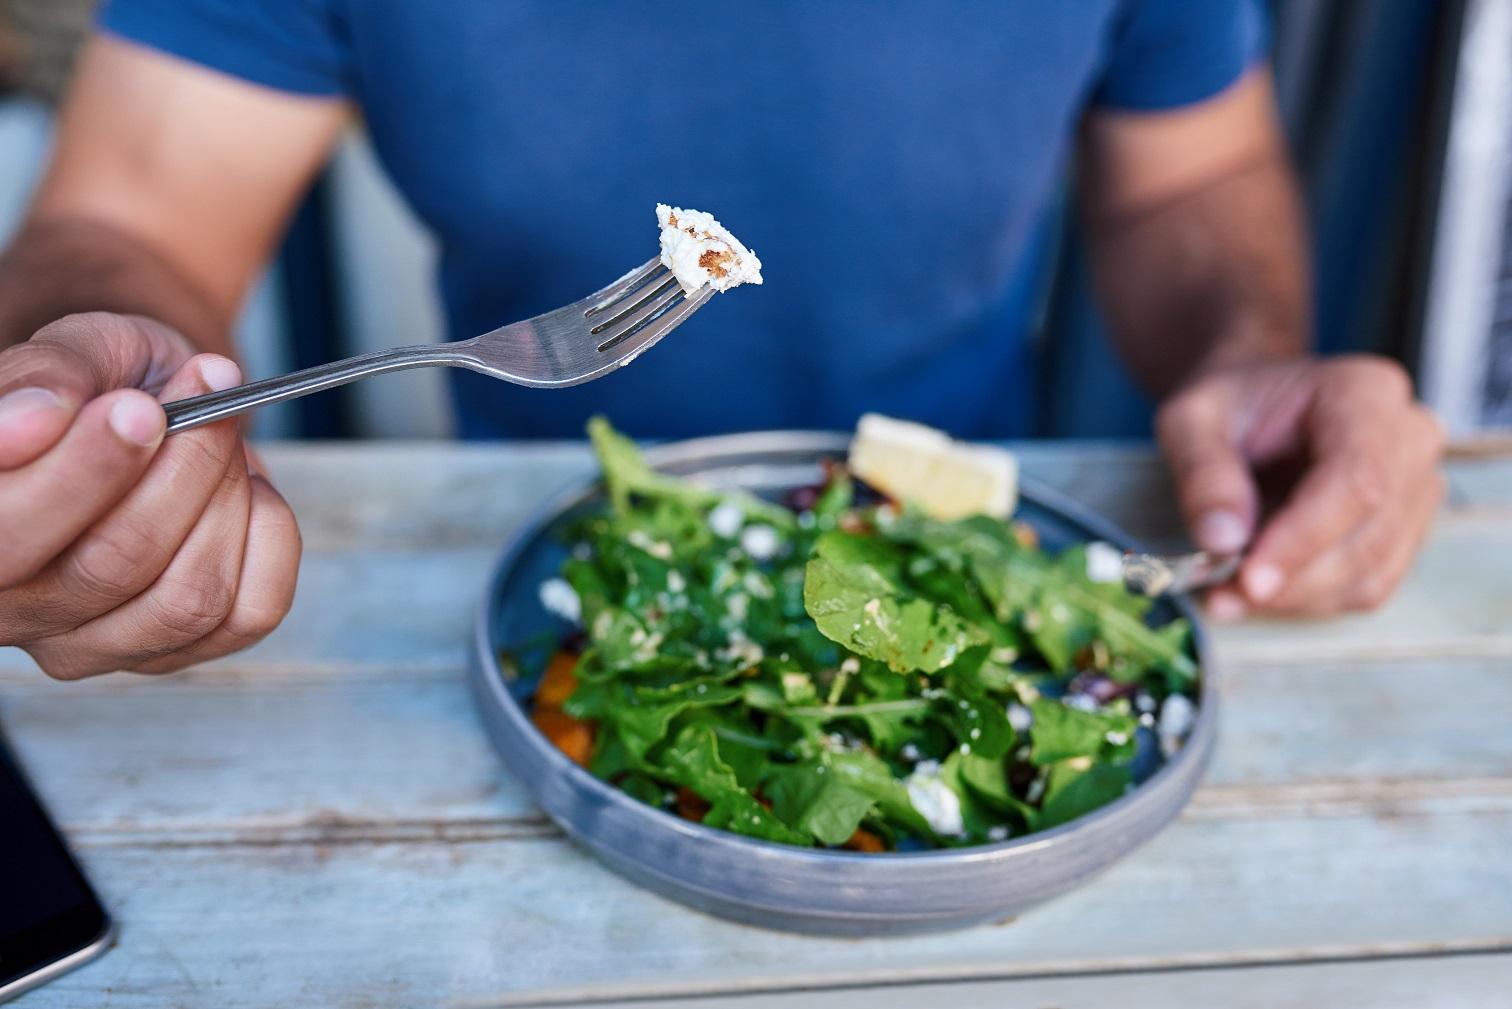 Como manter uma alimentação saudável em tempos de isolamento social